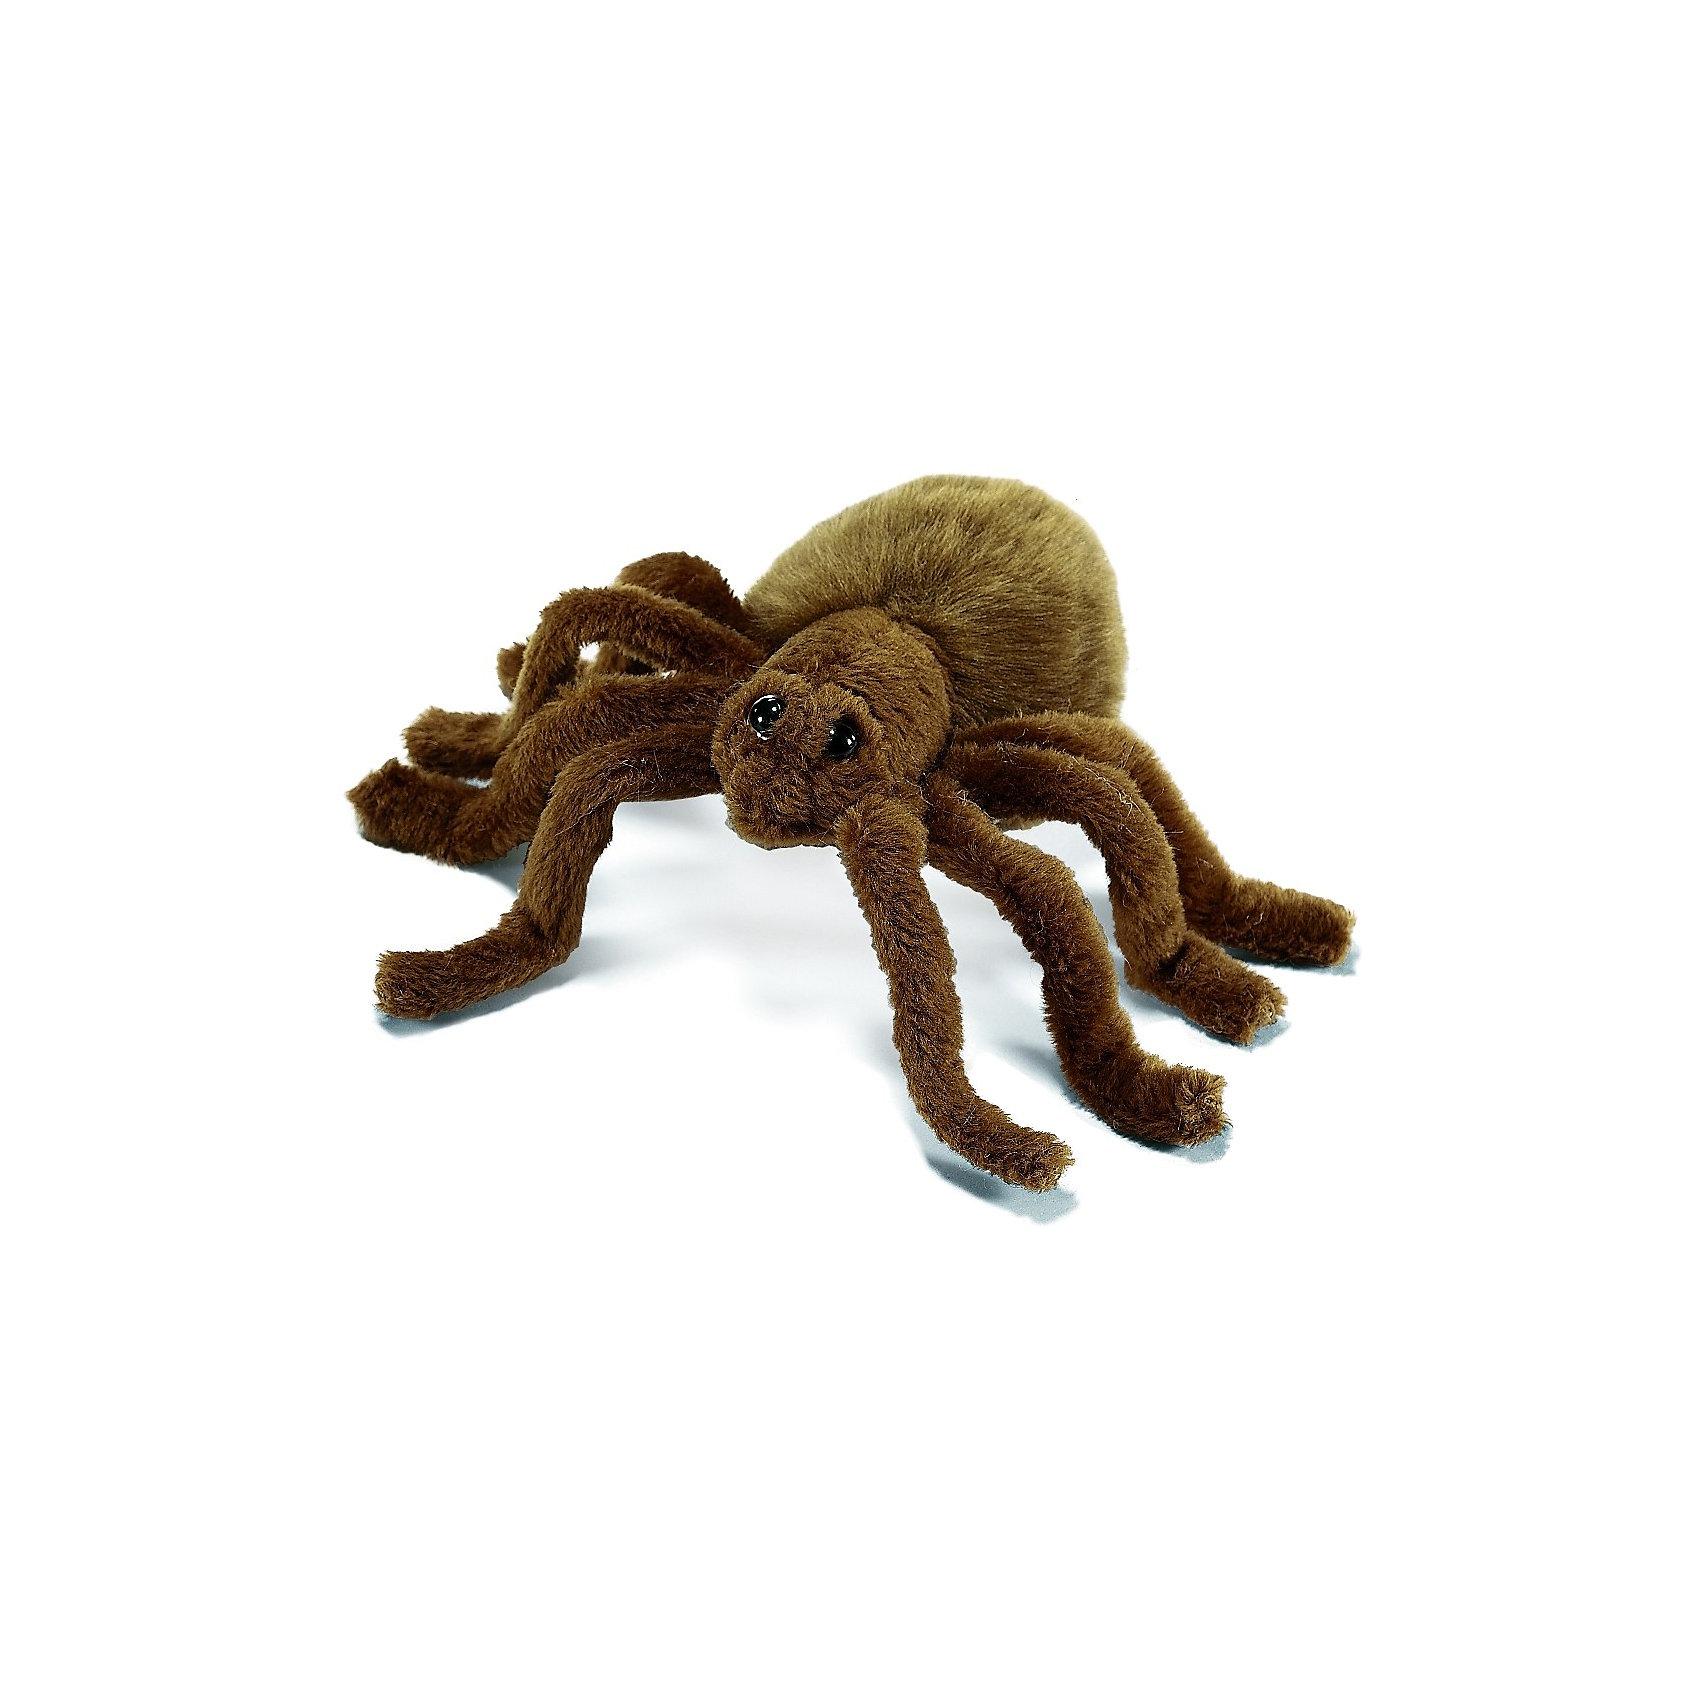 Тарантул коричневый, 19 см,  HansaМягкие игрушки животные<br>Тарантул коричневый от Hansa (Ханса) – это, украшение и игрушка для тех малышей, которые не боятся  и интересуются насекомыми. Ведь несмотря на то, что игрушка во многом повторяет оригинал, она выглядит вполне дружелюбной и безобидной. Тарантул сделан из мягкого искусственного меха, приятного на ощупь. Внутри – металлический каркас, поэтому лапки можно ставить практически в любое положение. Тарантула можно подвесить к потолку на специальную леску, которая прикреплена к спине игрушки. Игрушка сшита вручную из искусственного меха, текстиля и иных материалов высокого качества.   Модель может быть использована не только в качестве классической мягкой игрушки, но и как элемент декора в интерьере.<br><br>Дополнительная информация:<br><br>- Размер: 19 см;<br>- Материал: искусственный мех, металл;<br>- Размер упаковки: 19 х 16 х 7 см;<br>- Вес с упаковкой: 130 г.<br><br>Тарантула коричневого, 19 см,  Hansa (Ханса) можно купить в нашем интернет-магазине.<br><br>Ширина мм: 190<br>Глубина мм: 160<br>Высота мм: 70<br>Вес г: 30<br>Возраст от месяцев: 132<br>Возраст до месяцев: 240<br>Пол: Унисекс<br>Возраст: Детский<br>SKU: 3563696